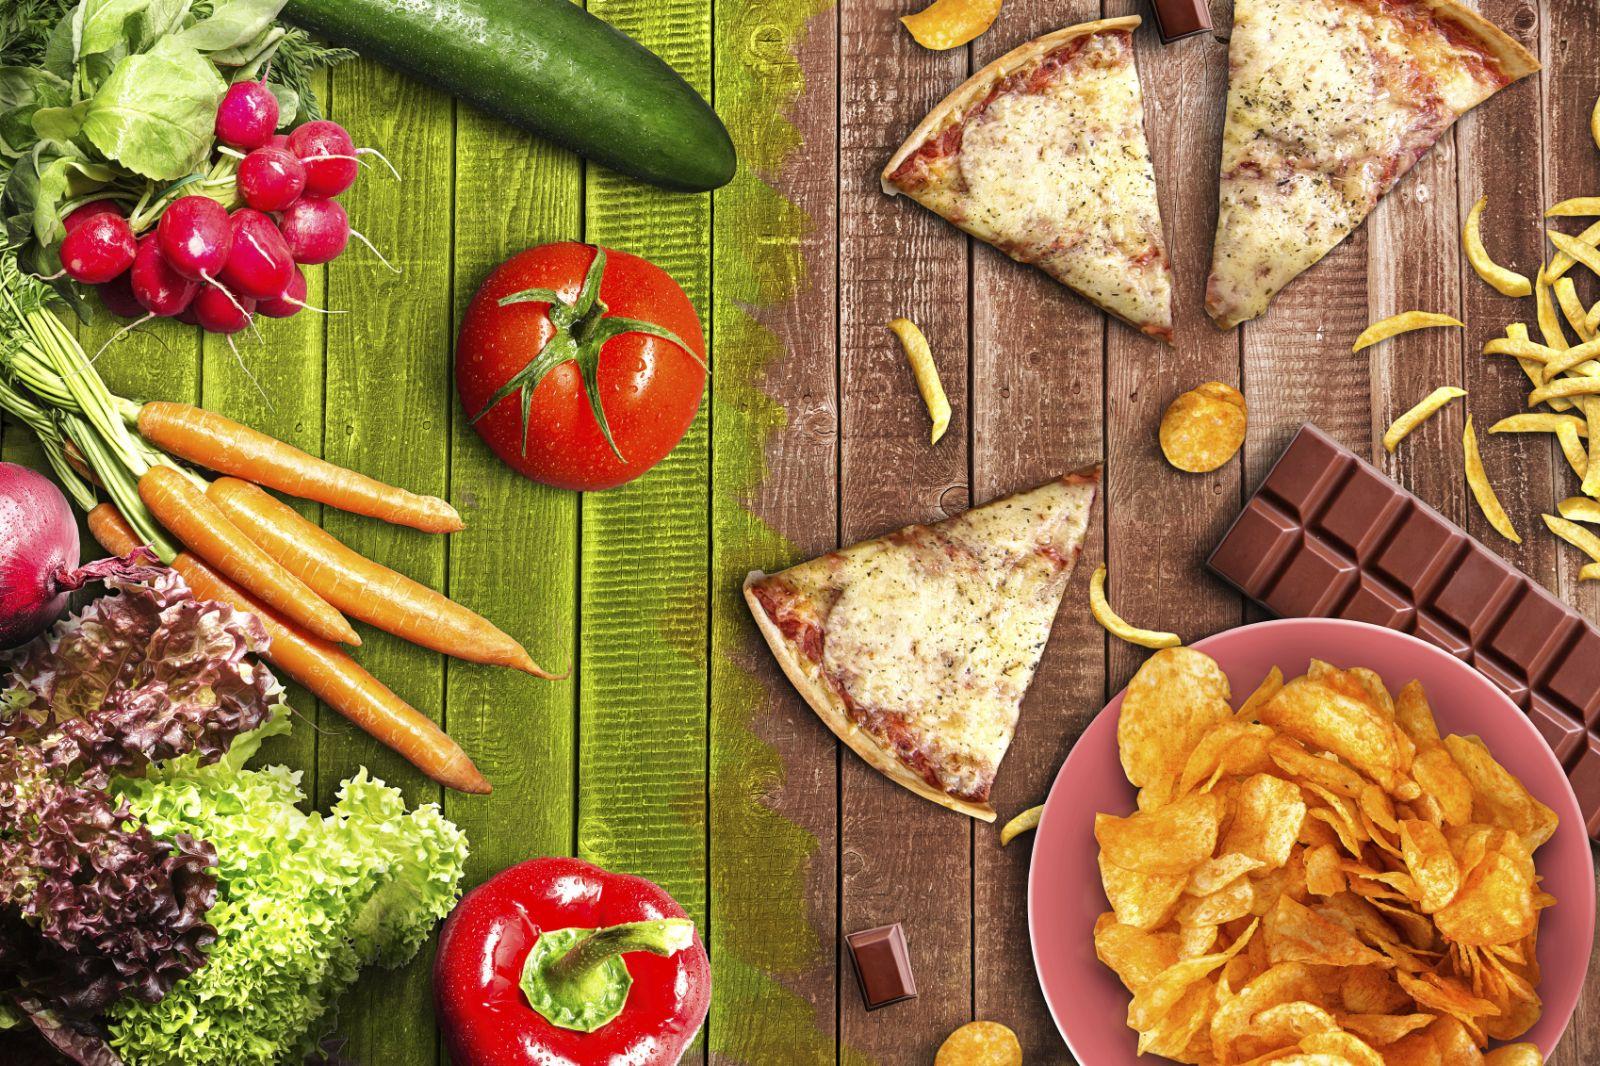 La qualità del cibo si ripercuote sulla nostra salute globale: per tenere alla larga la depressione anche le scelte a tavola sono importanti!